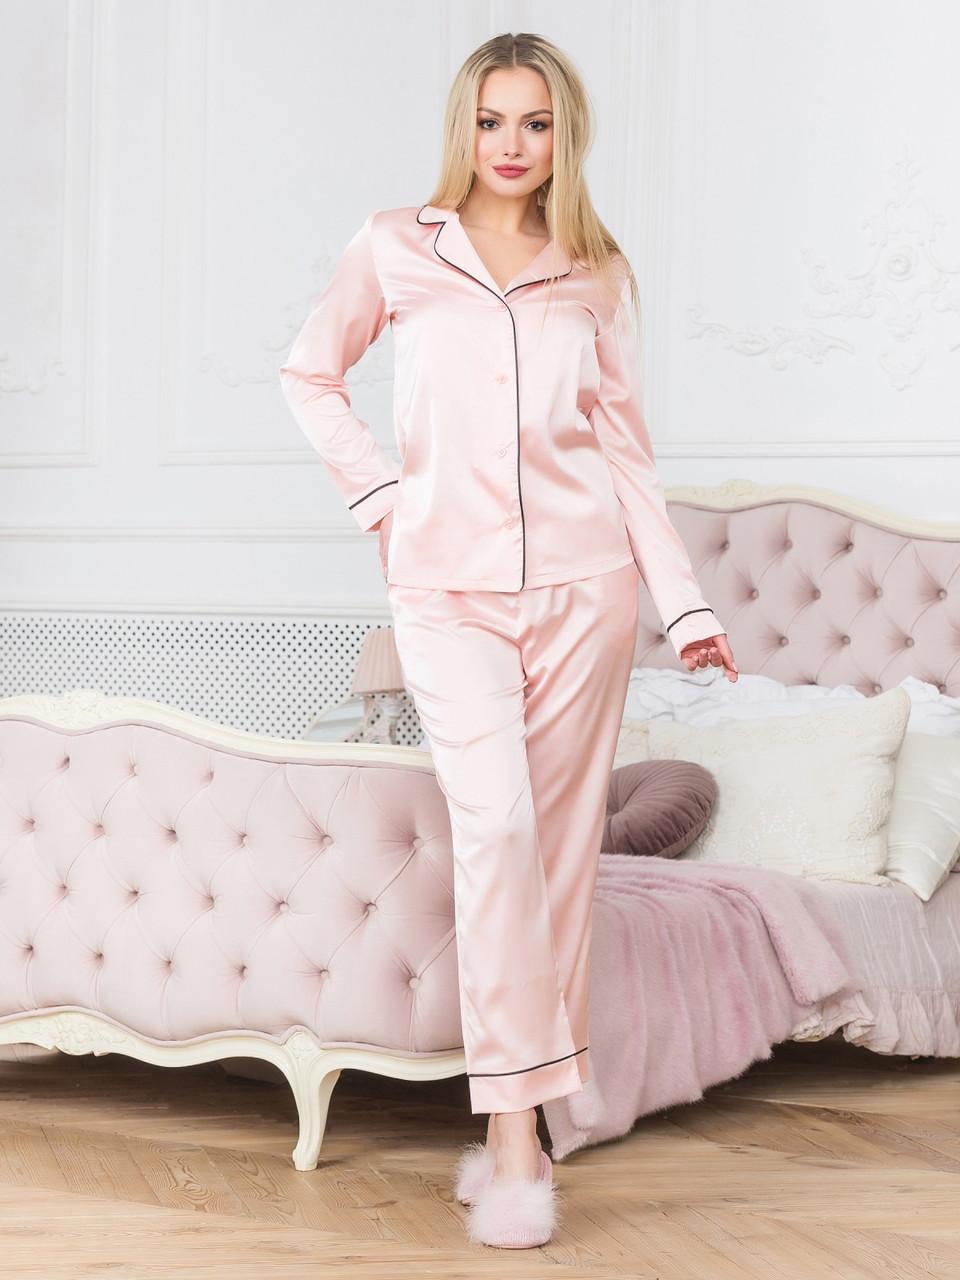 6de15f87127 Шелковая пижама с кантом персик Кристи - DS Moda - женская одежда оптом от  производителя в